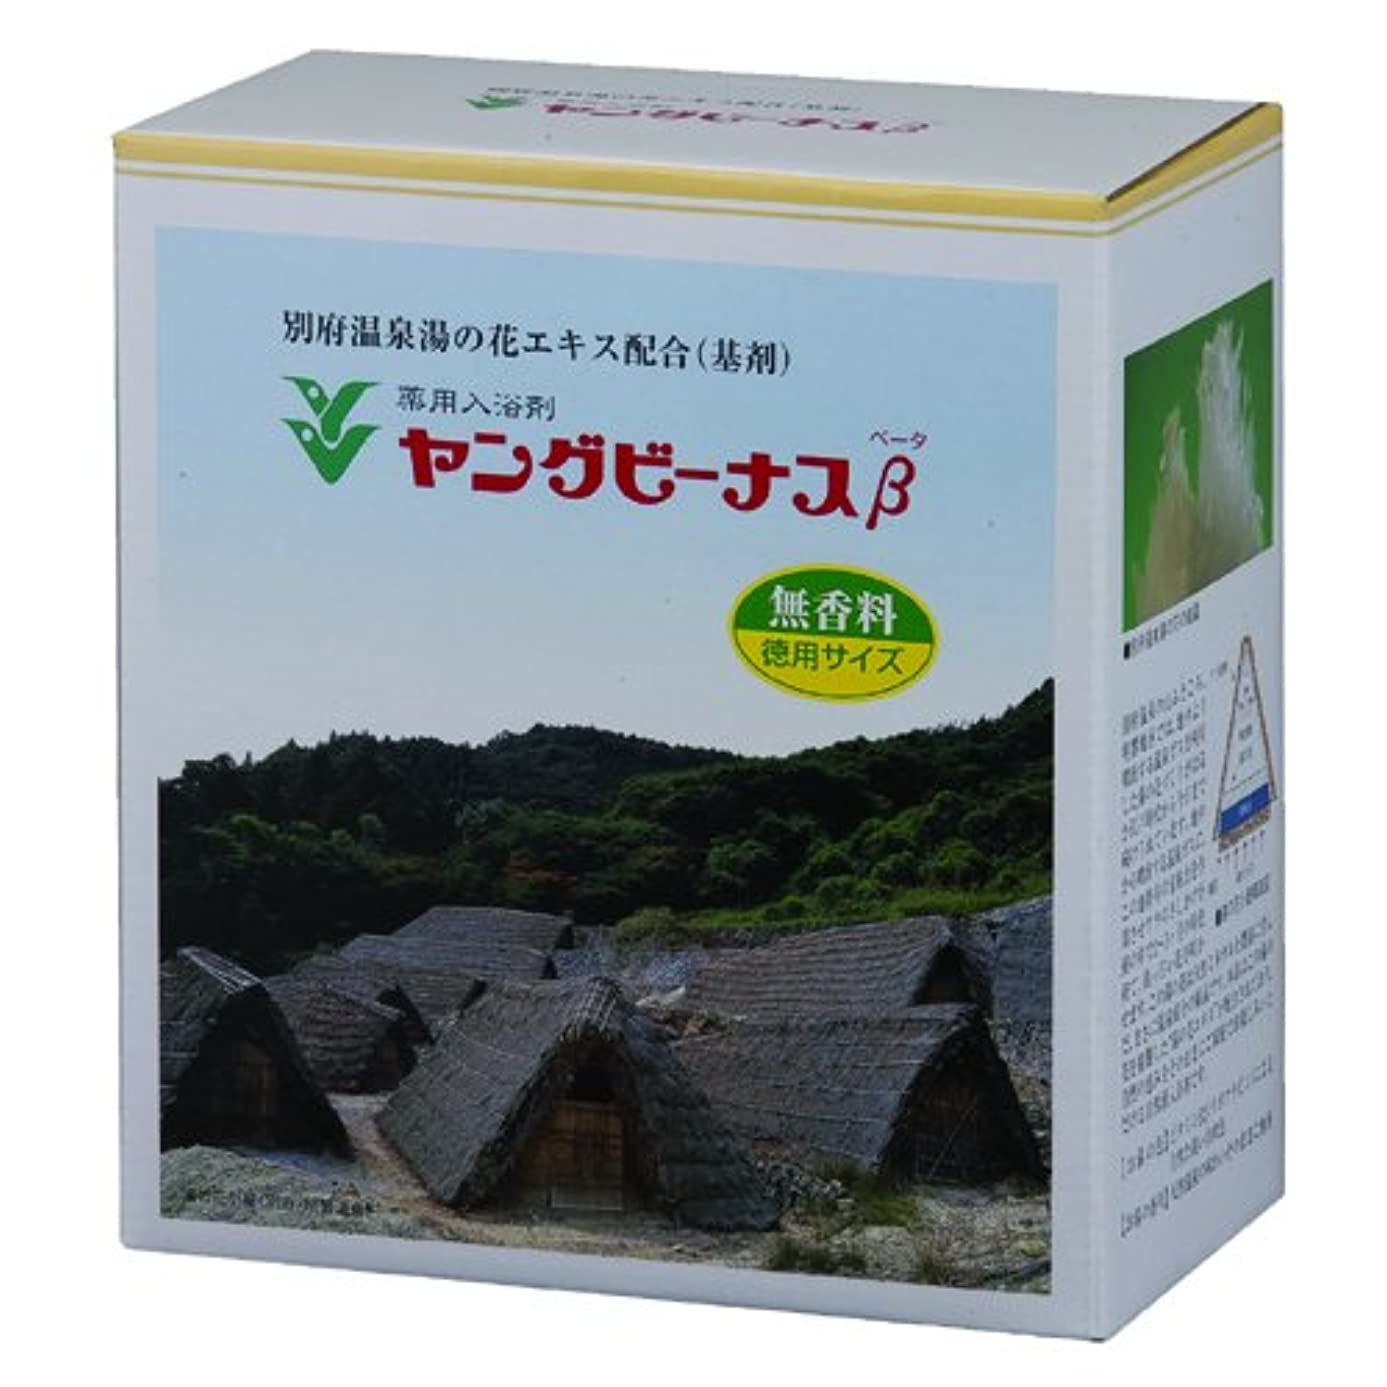 容器小人フットボール薬用入浴剤 ヤングビーナスβ 徳用サイズCX-30β